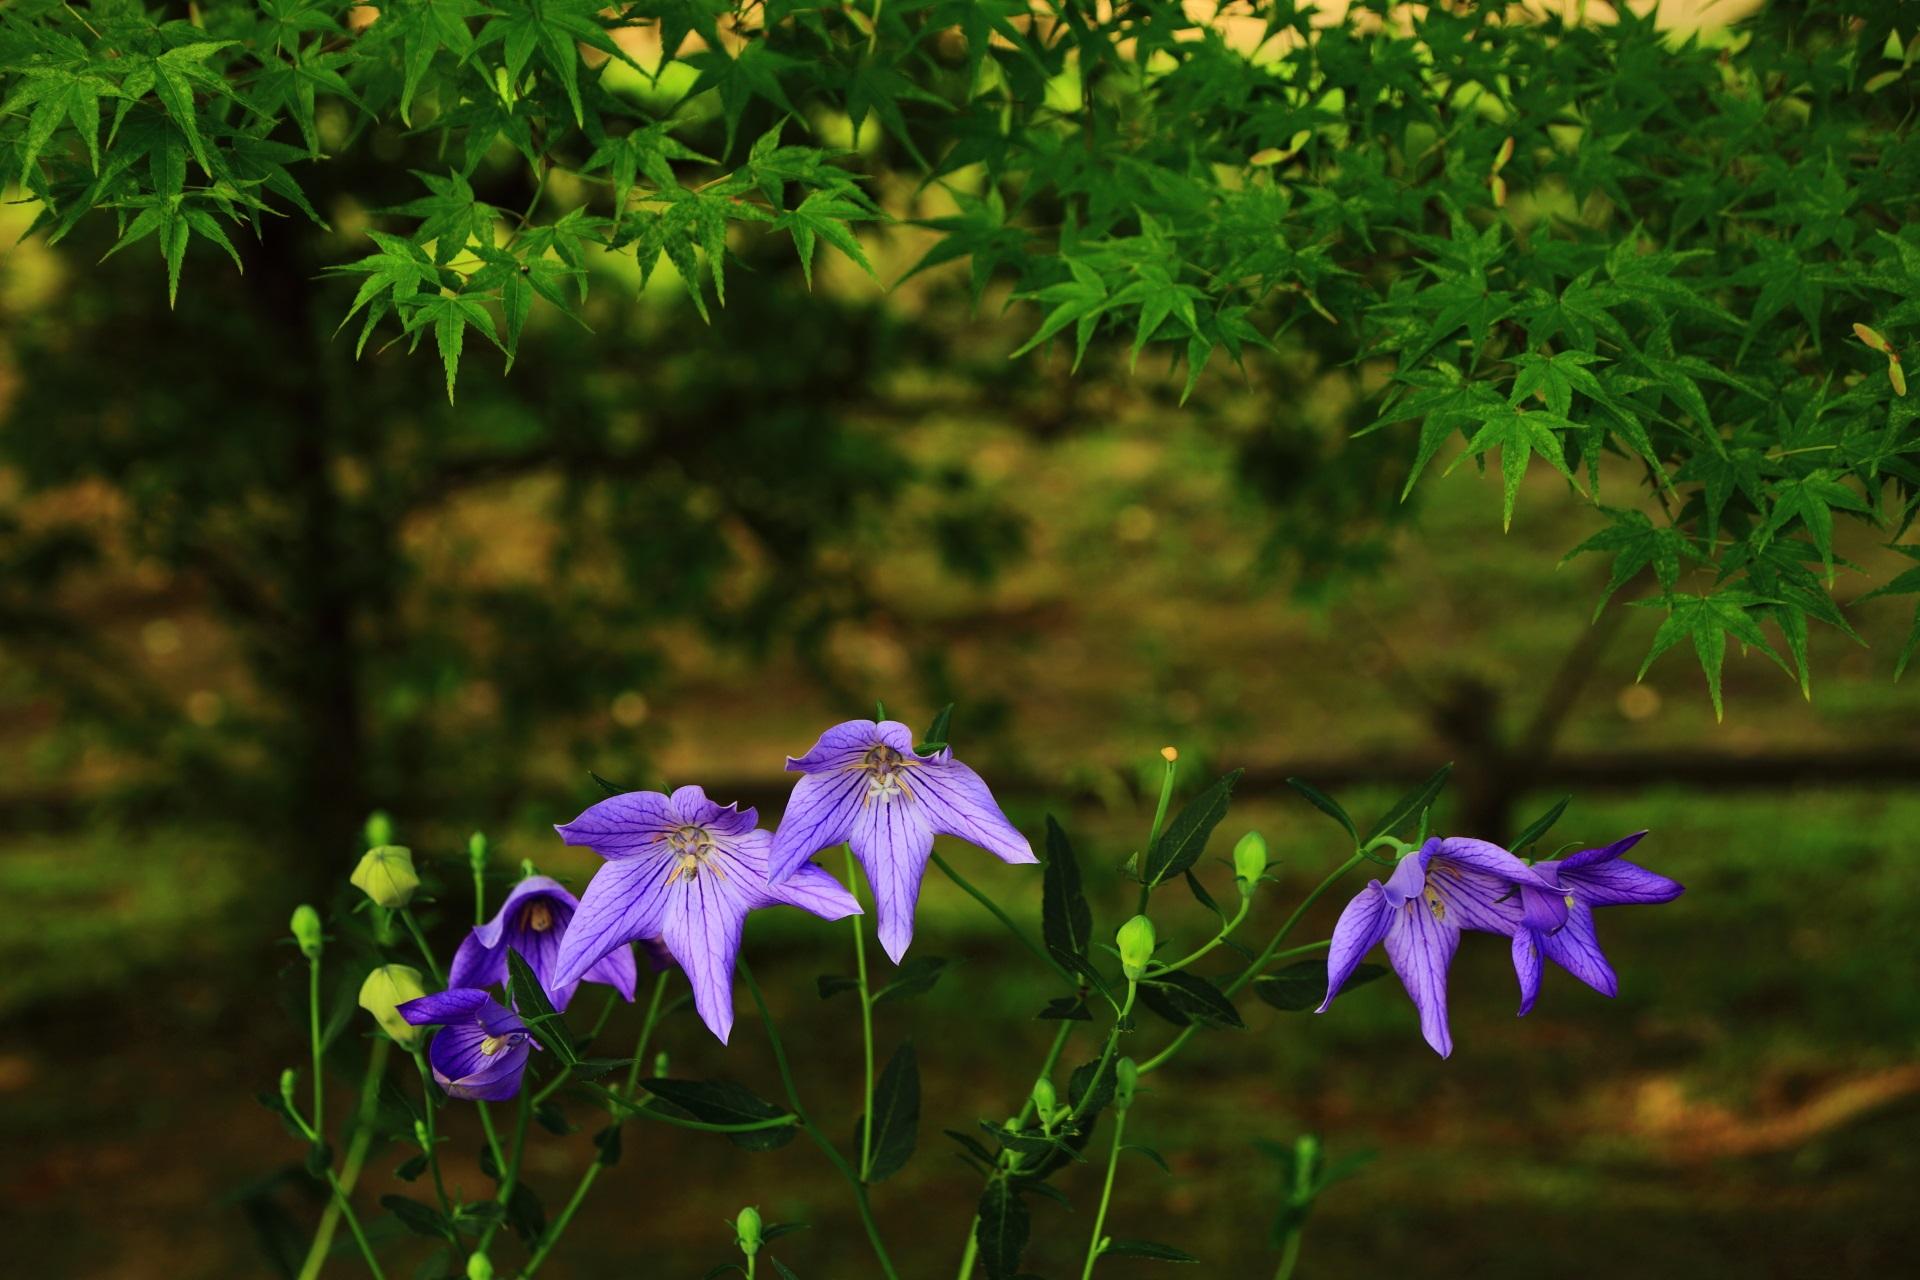 深い緑の青もみじと妖艶な桔梗の花